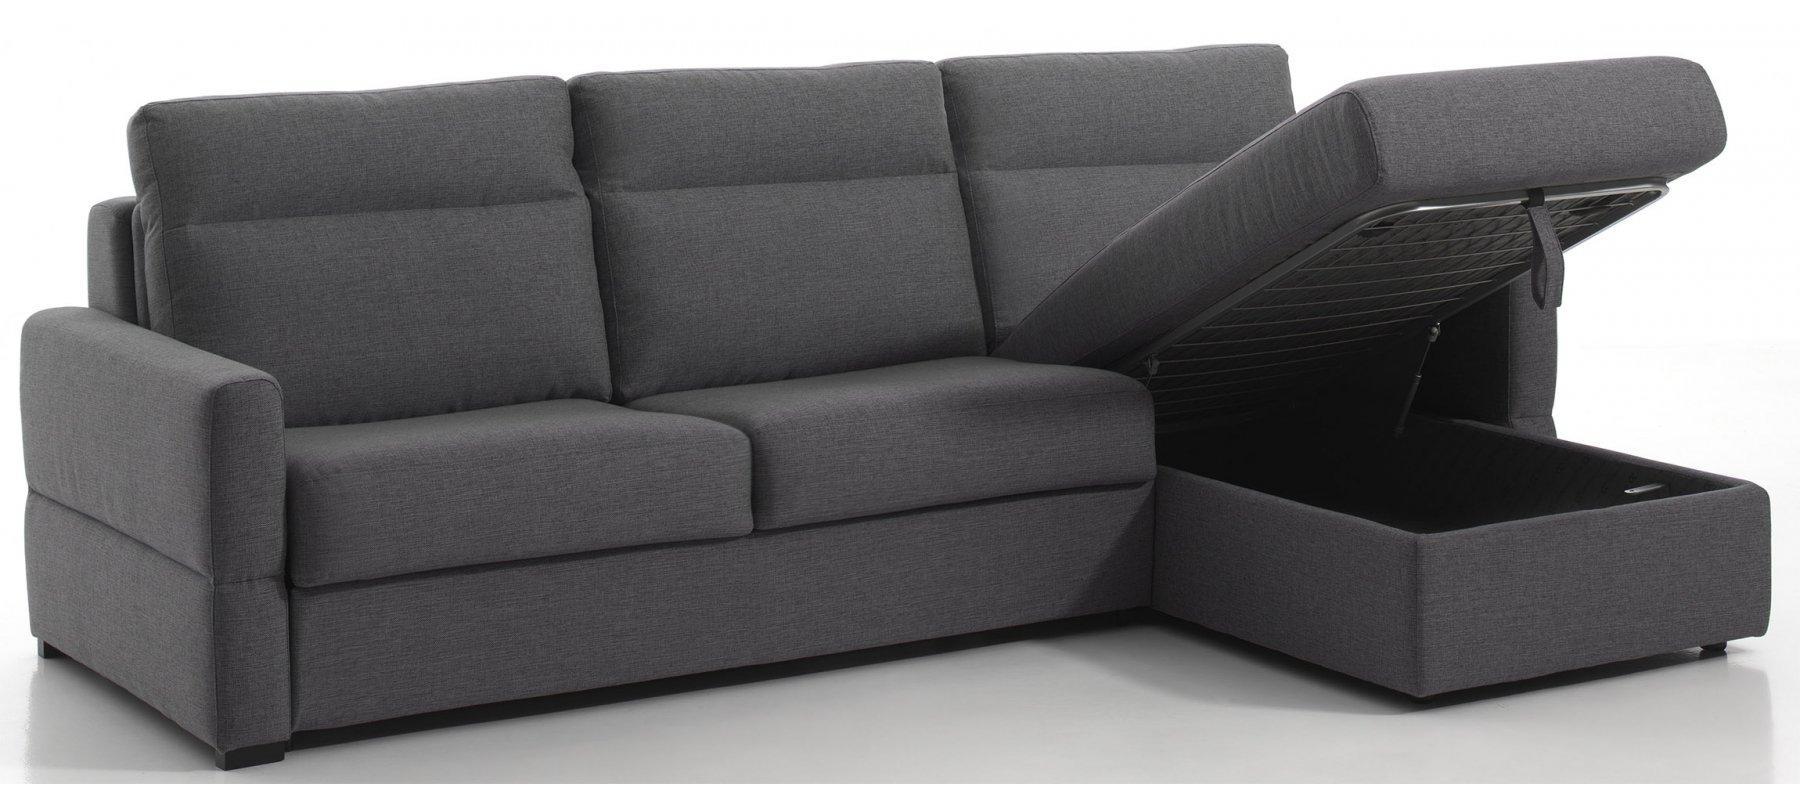 canap convertible d 39 angle rapido m ridienne et coffre de rangement. Black Bedroom Furniture Sets. Home Design Ideas